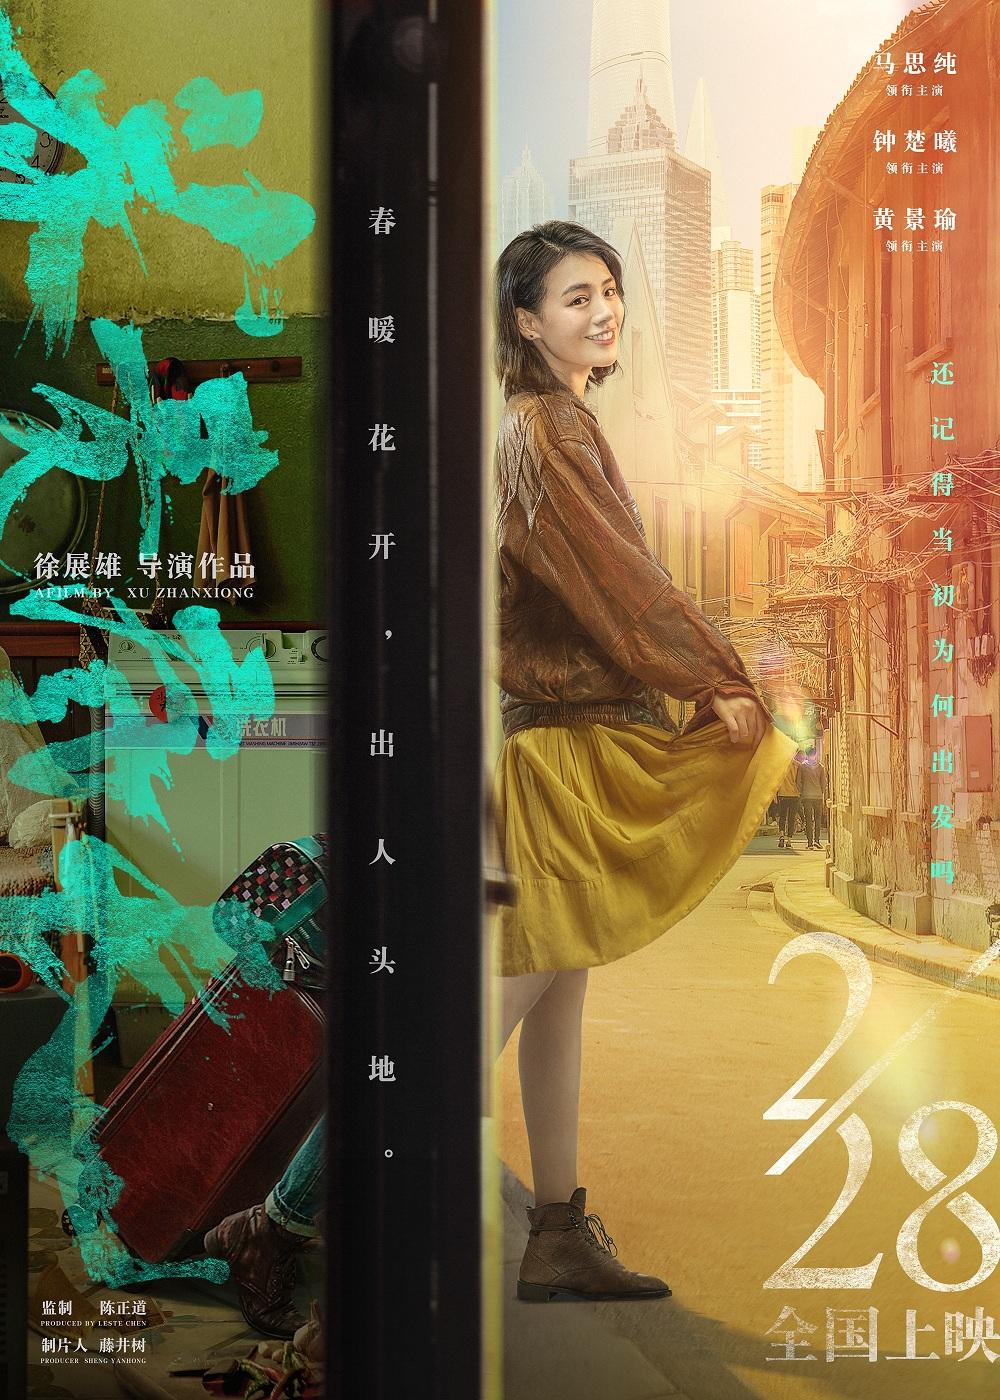 电影《荞麦疯长》定档2月28日  马思纯反差演绎叛逆逐梦故事